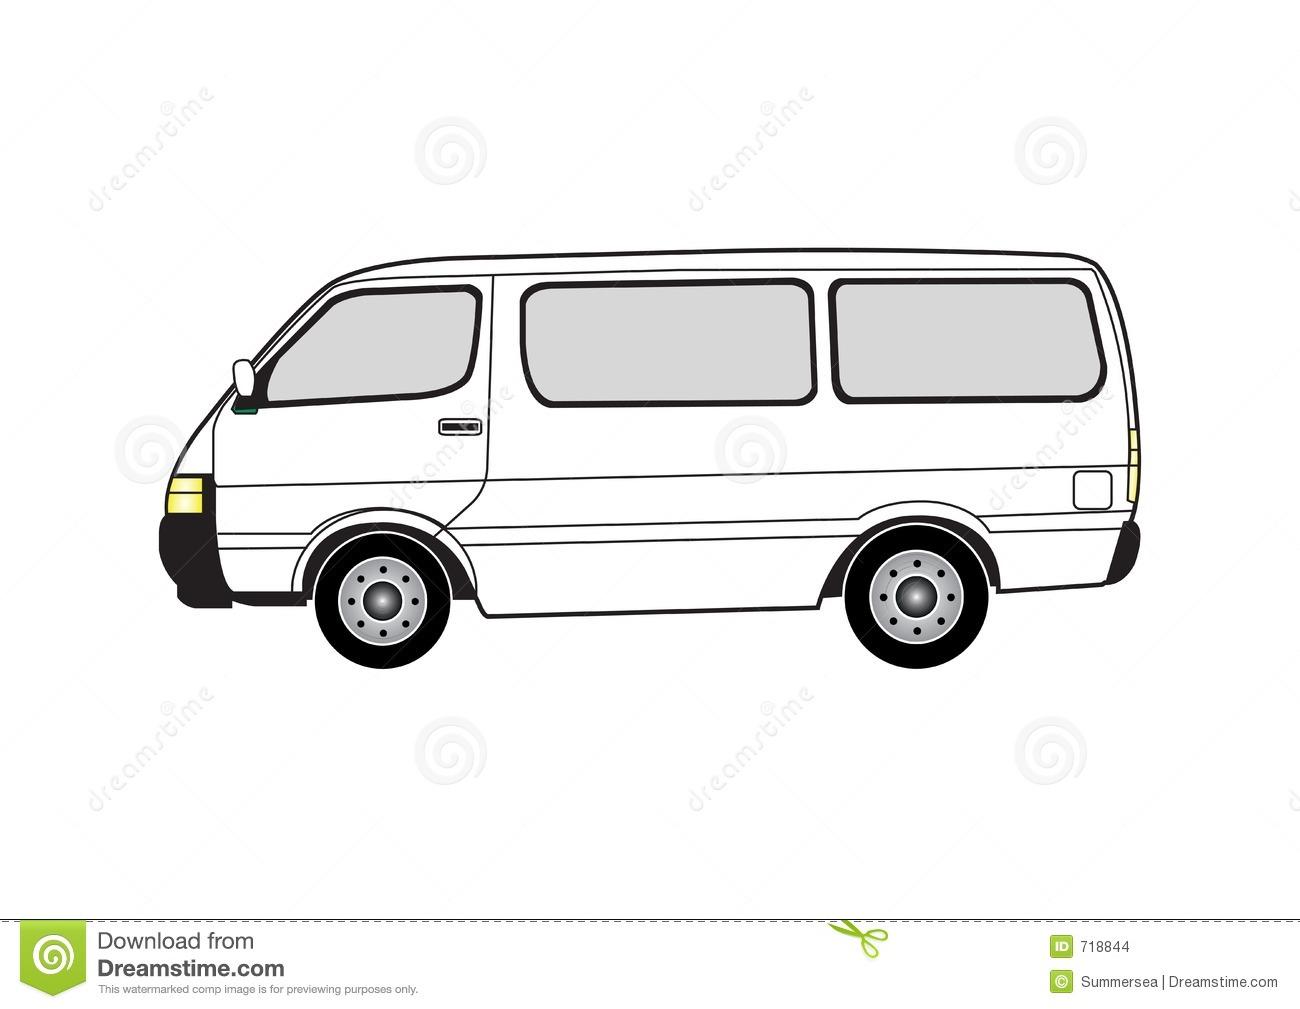 Line Art - Van-Line art - van-5